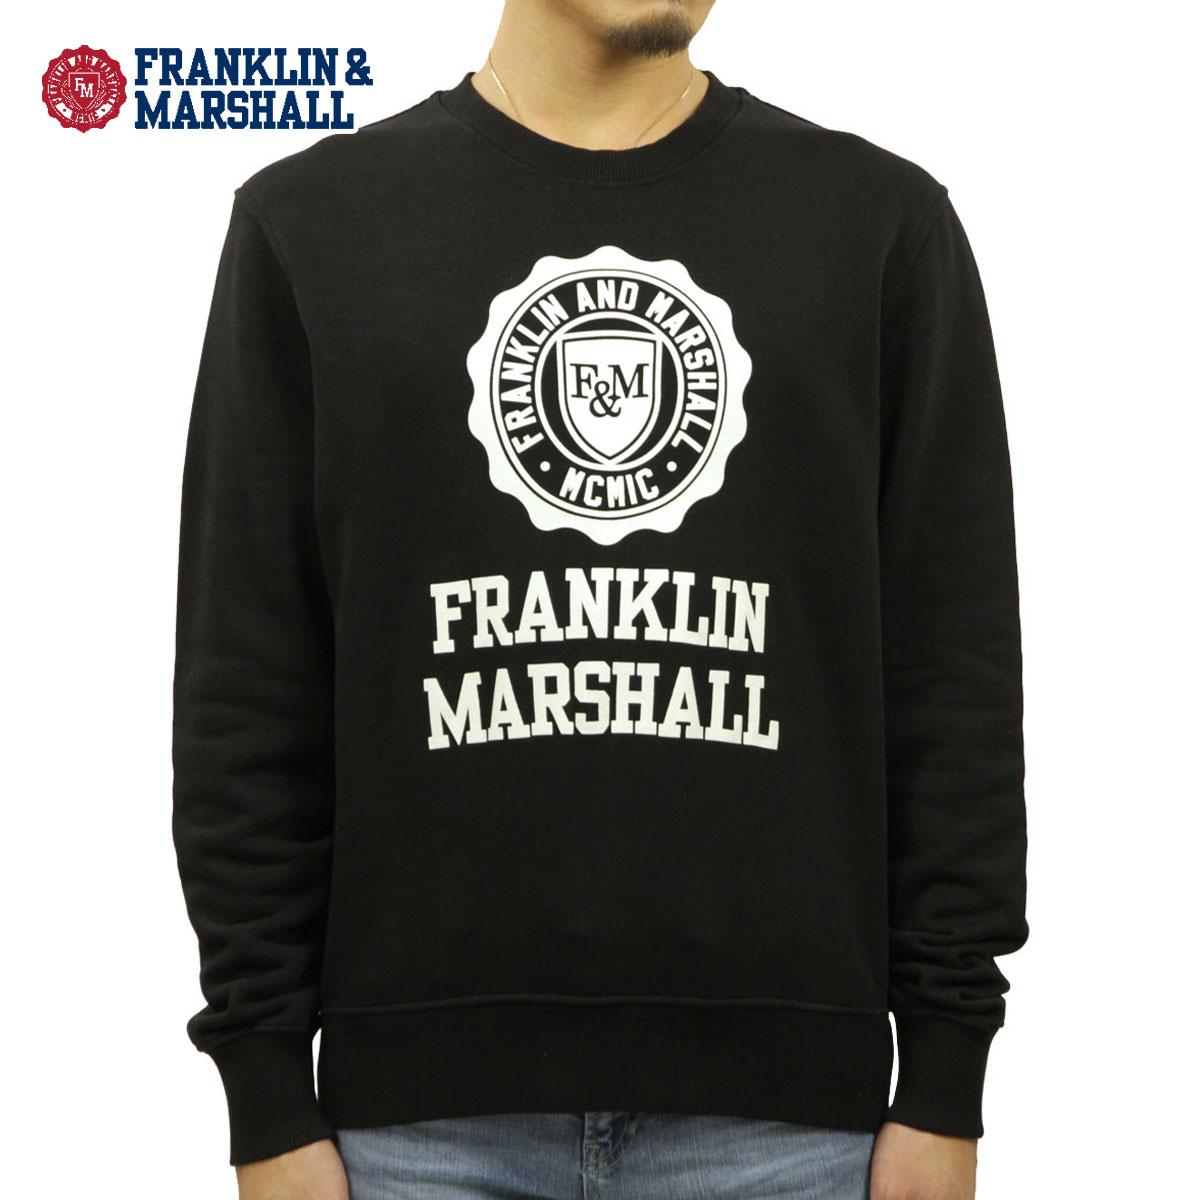 フランクリン マーシャル スウェット メンズ 正規販売店 FRANKLIN&MARSHALL トレーナー LOGO CREW NECK FLEECE 021 FLMF055AN 0021 A61B B1C C1D D5E E13F